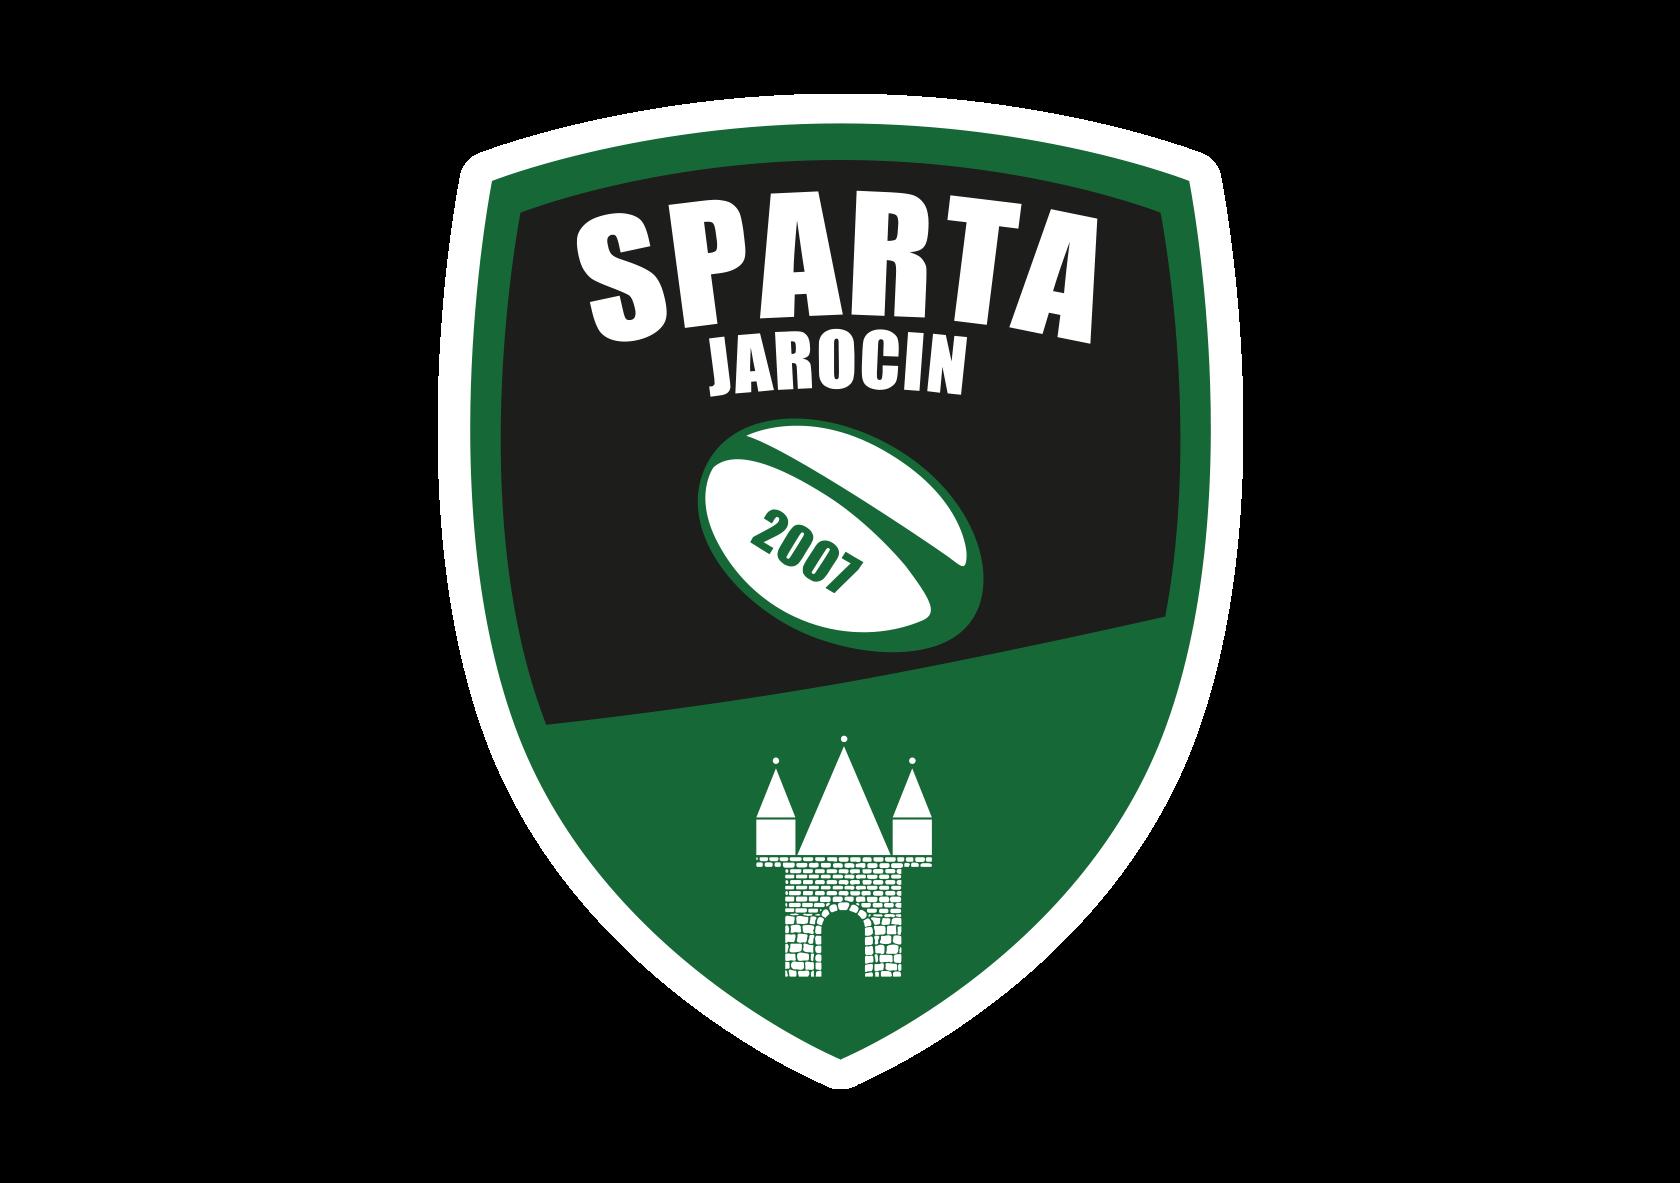 Sparta Jarocin